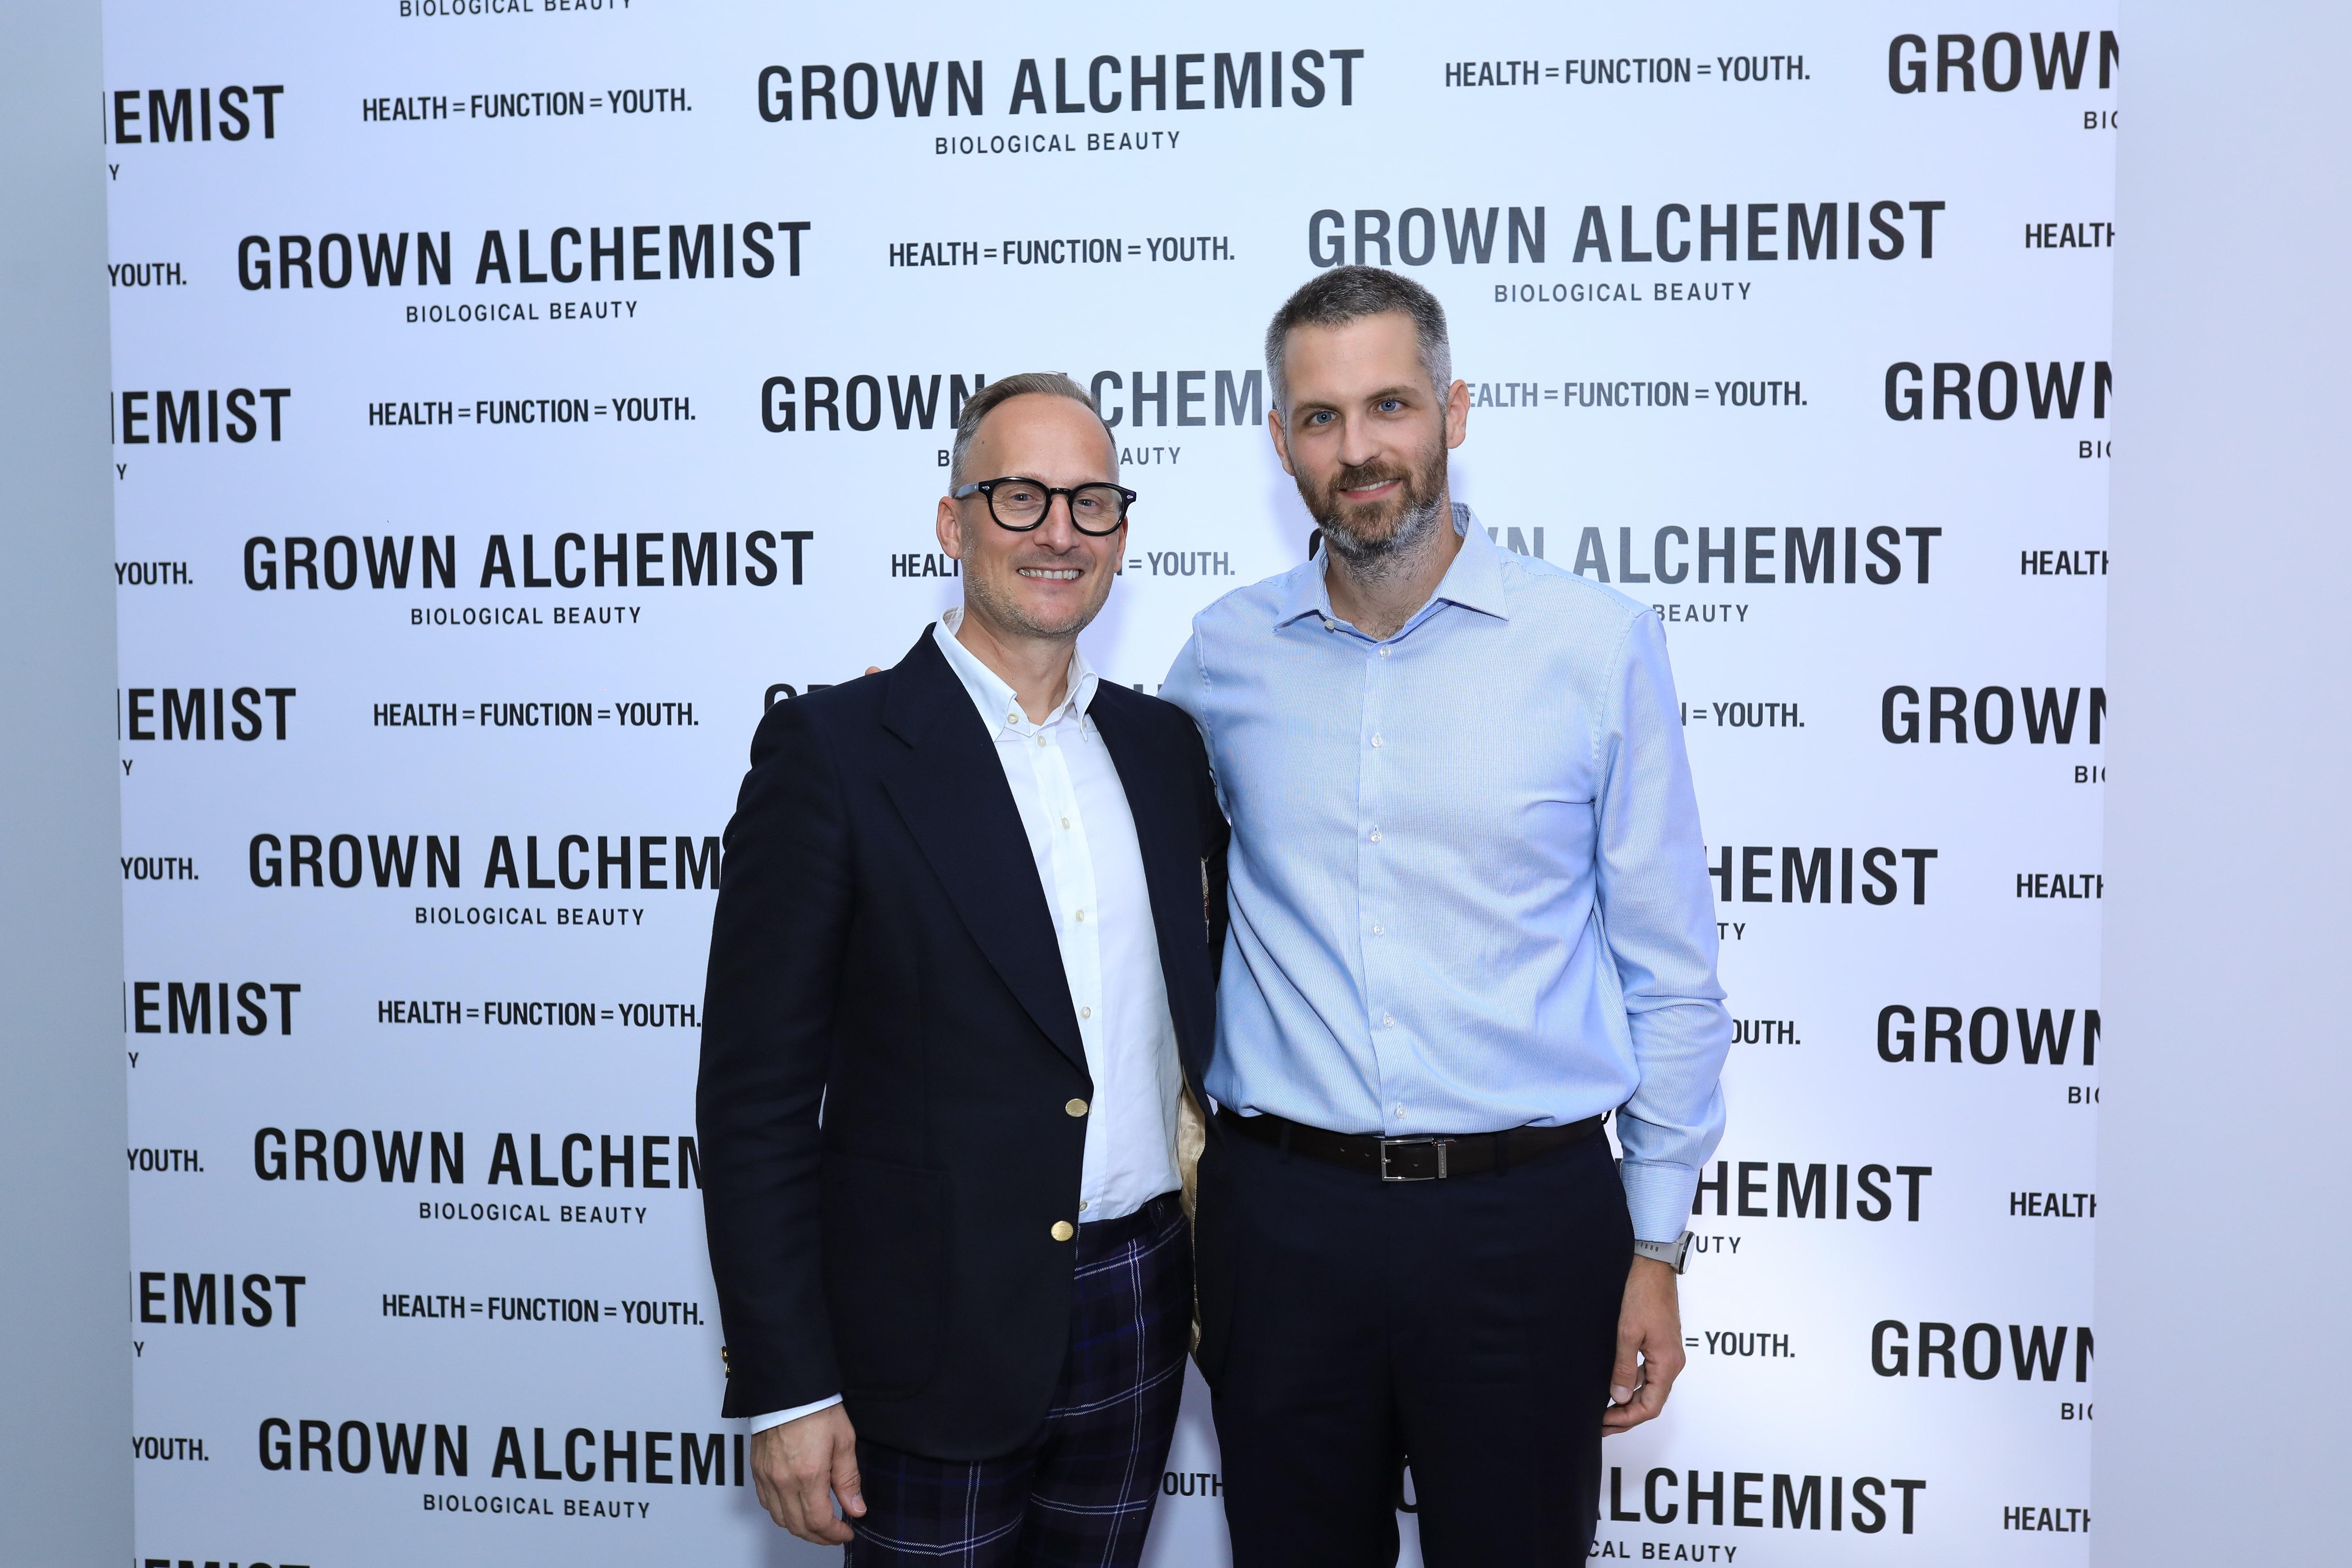 Jeremy Muijs (Συνιδρυτής Grown Alchemist) – Ζάκης Σαράντης (Γενικός Διευθυντής Επιλεκτικής Ομίλου Σαράντη)